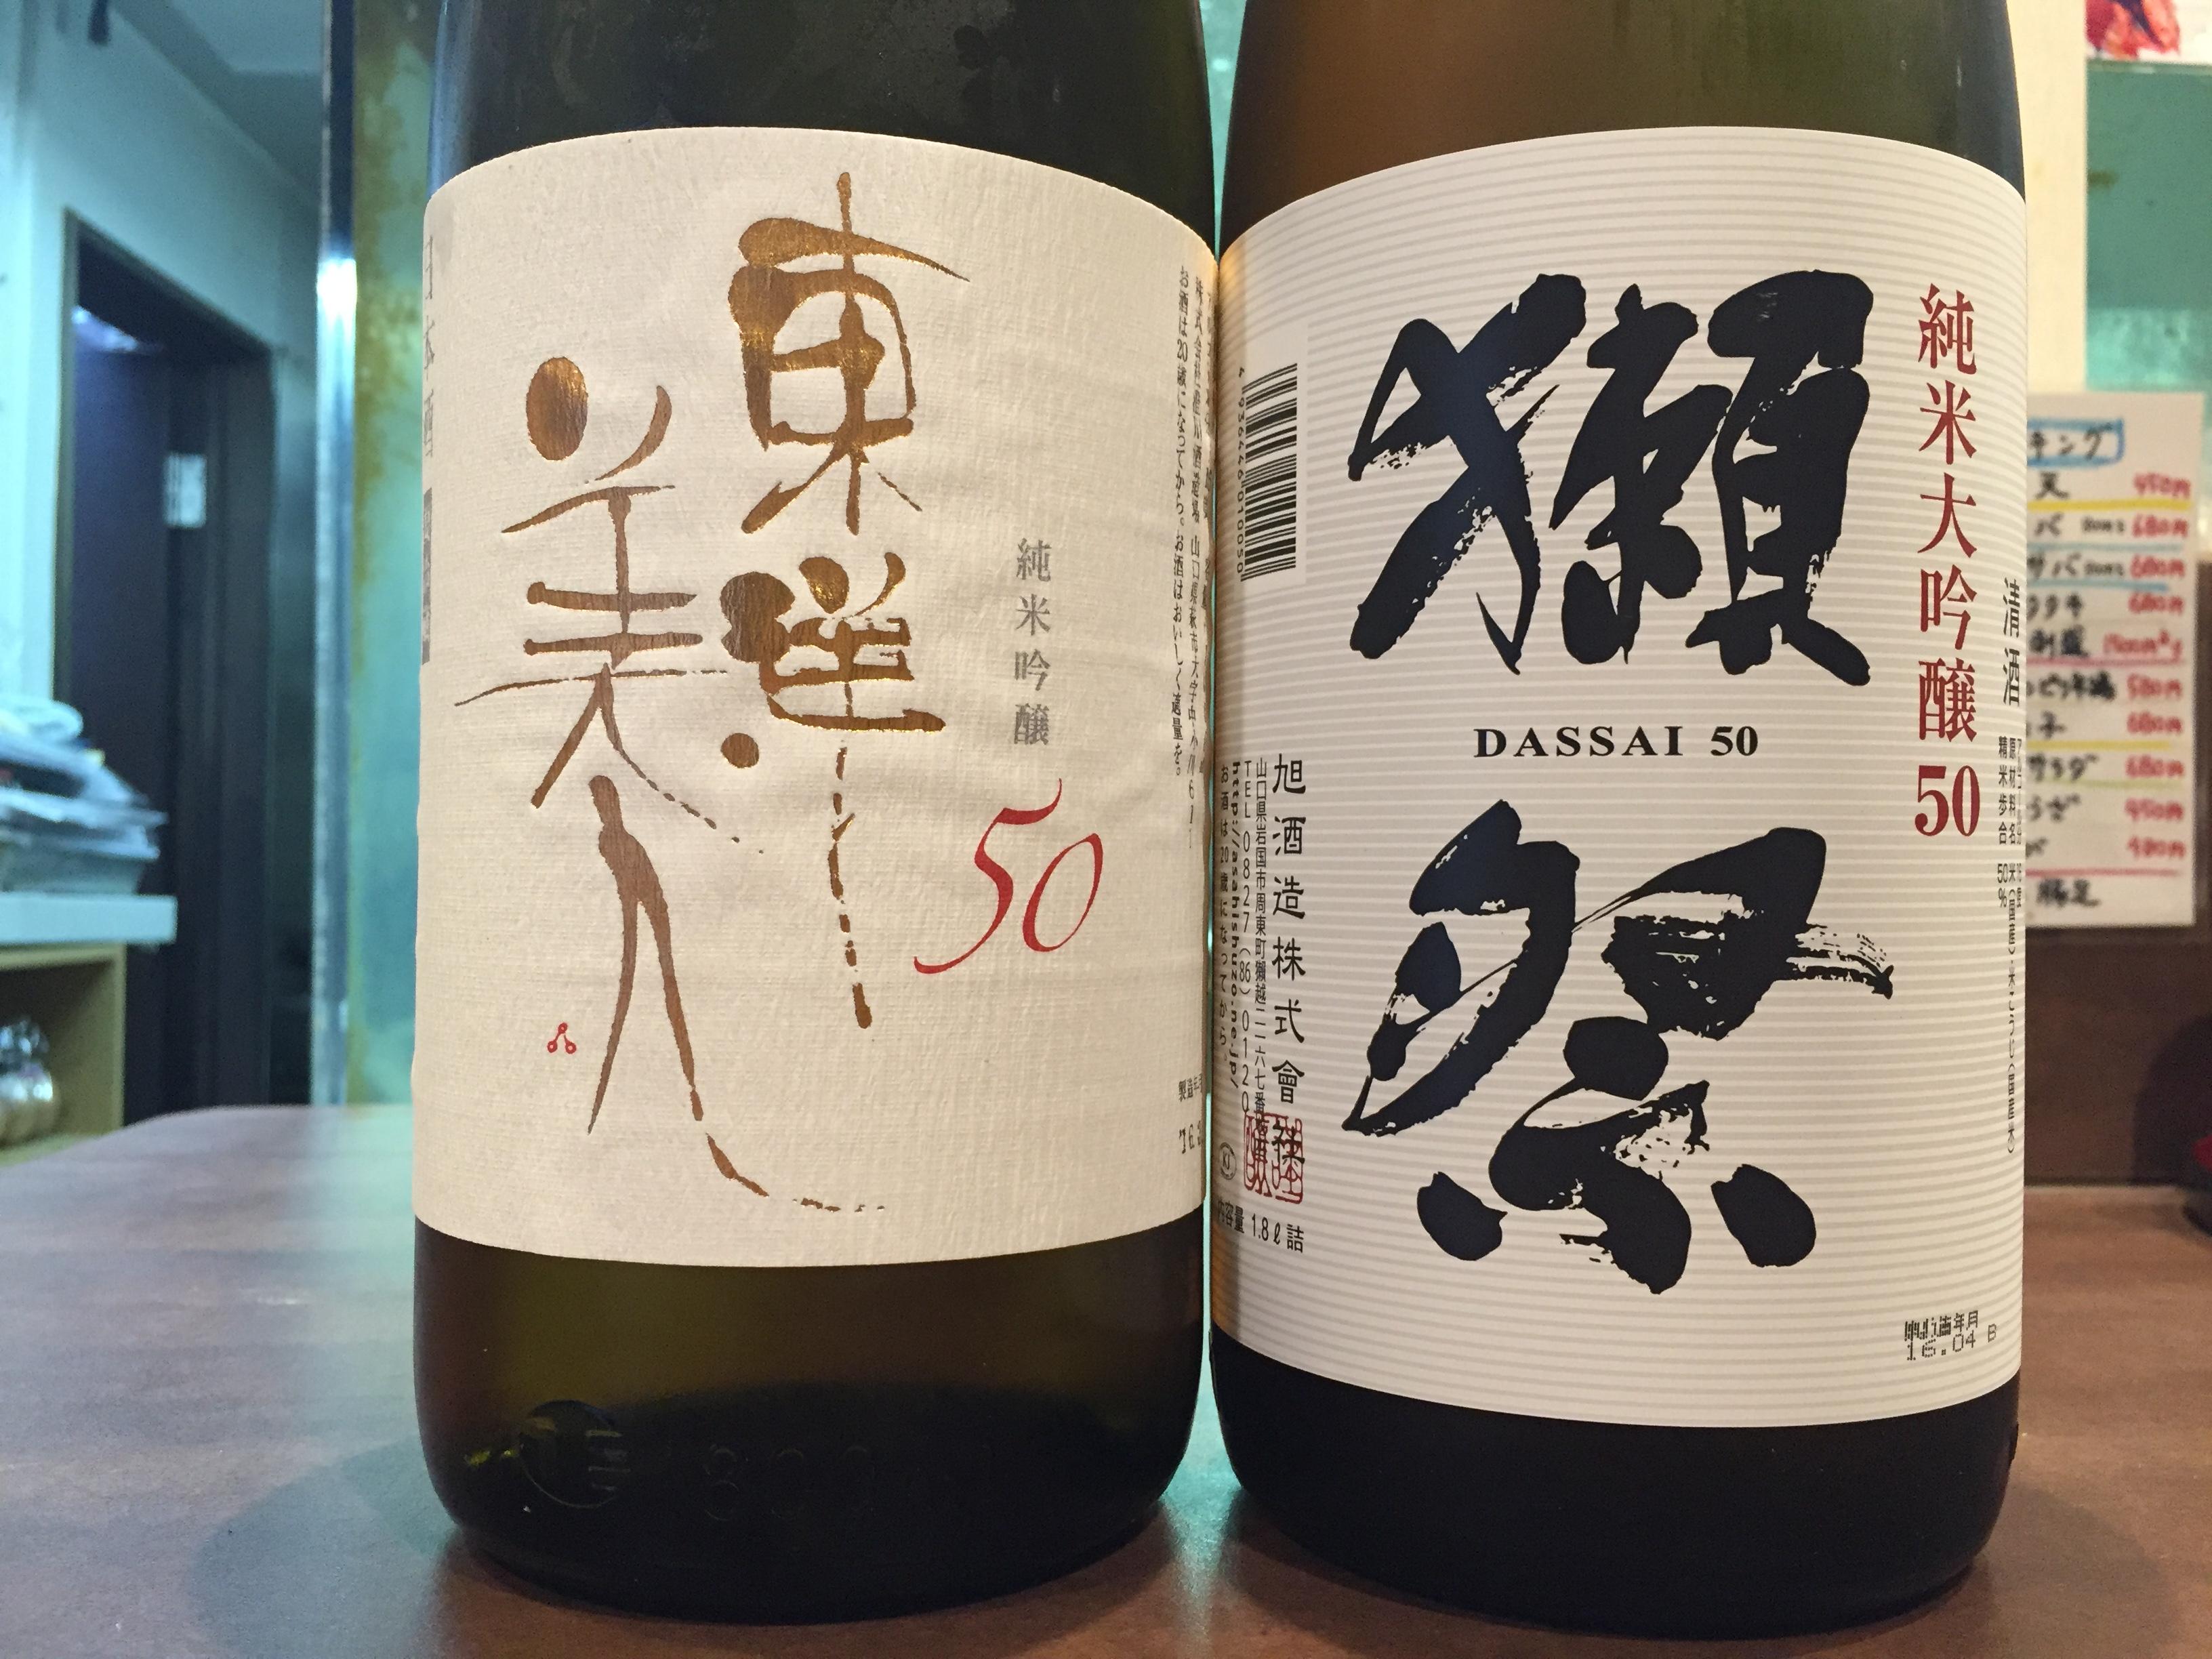 山口の美味しい銘酒まとめ!山口を代表する日本酒に迫ってみました。のサムネイル画像